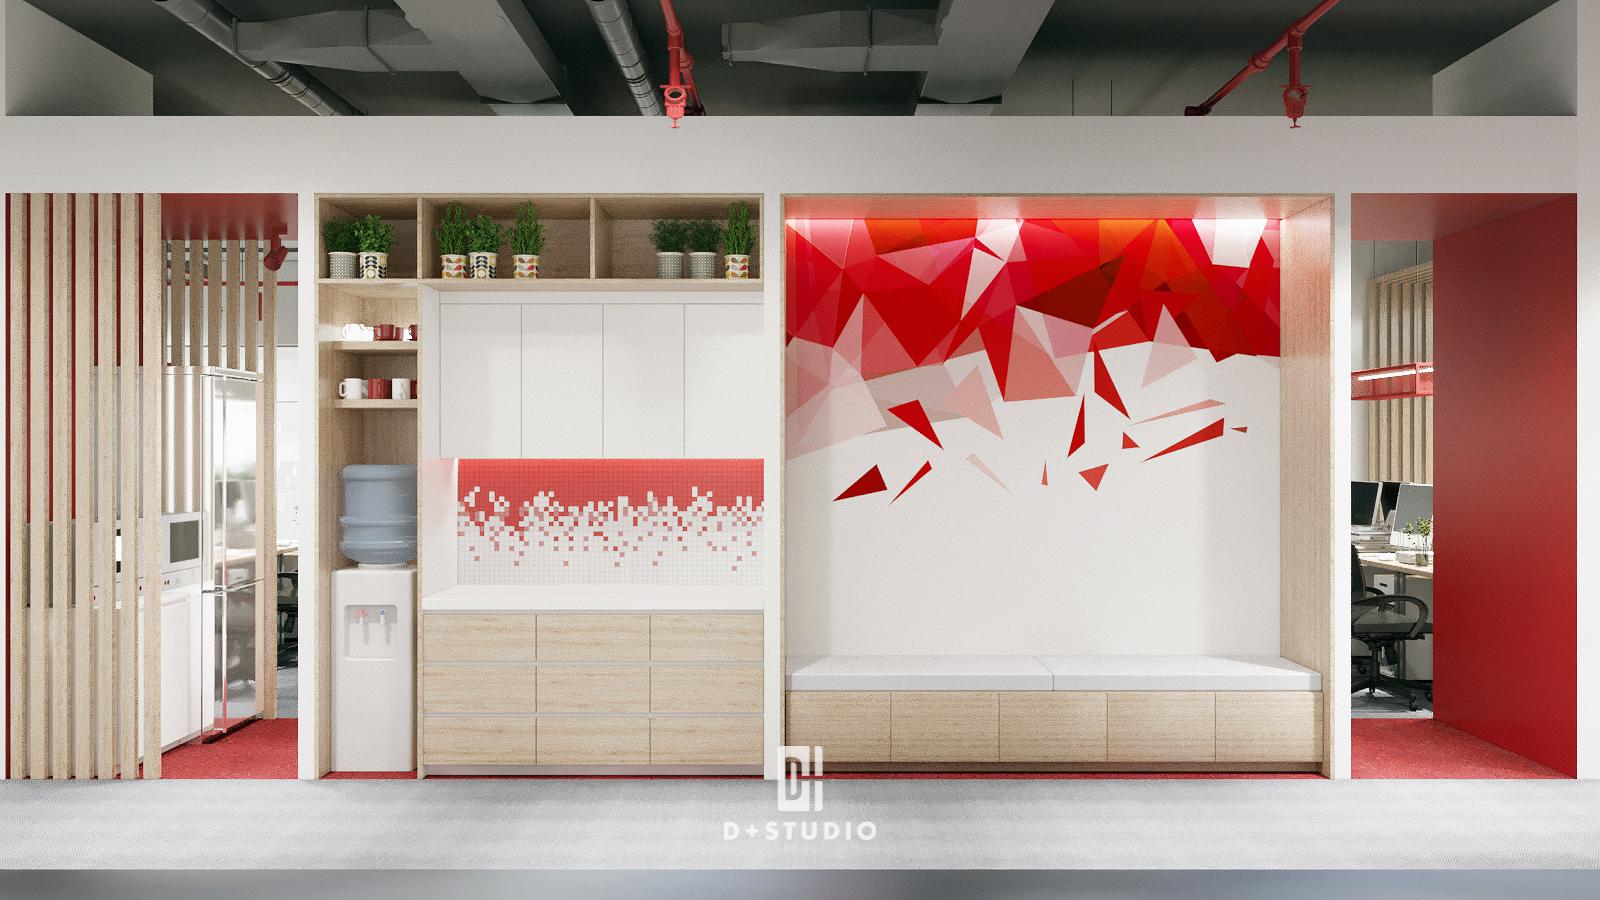 Sử dụng màu đỏ tạo điểm nhấn trong trang trí tường khu vực pantry phòng họp tạo ra hiệu ứng thị giác thu hút, truyền thêm năng lượng trong mỗi cuộc họp